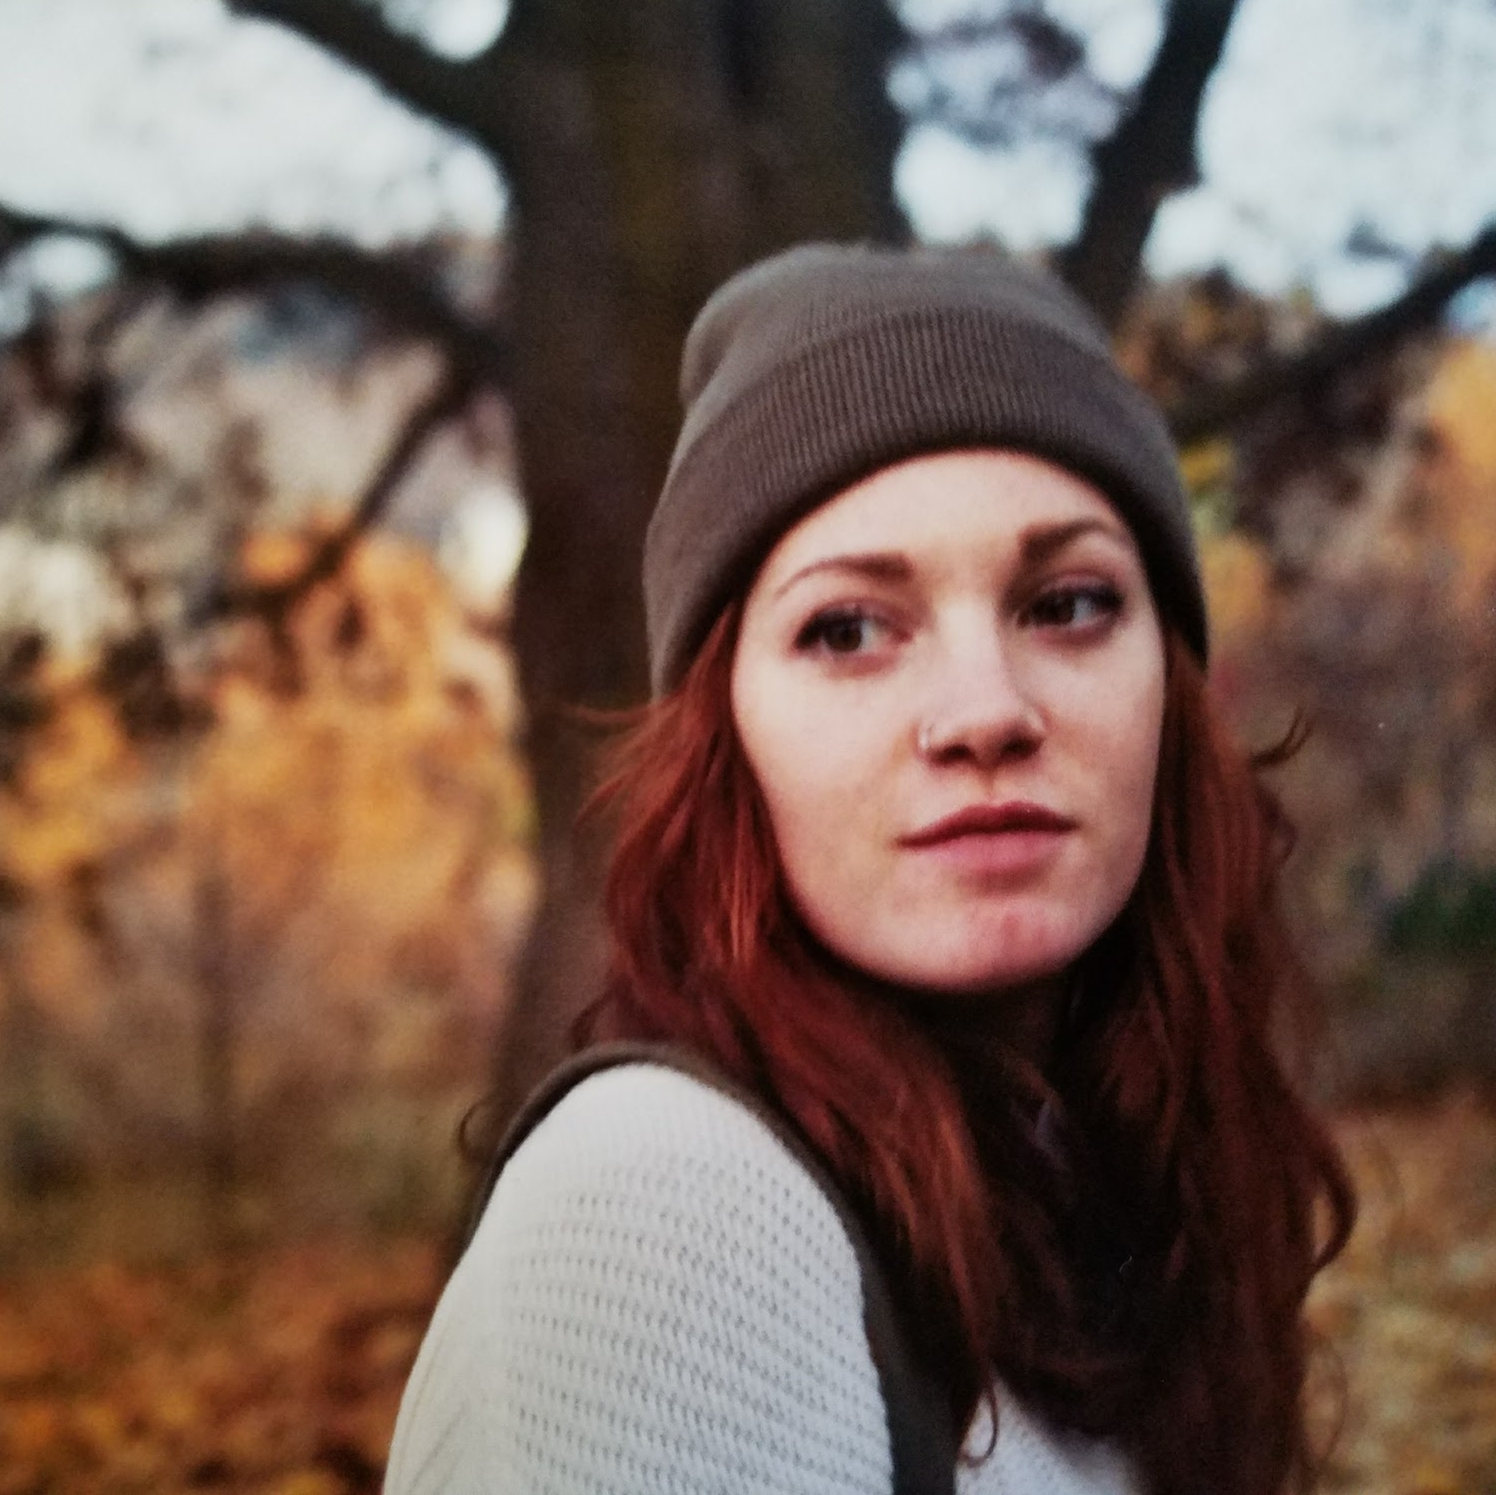 Molly Streiff